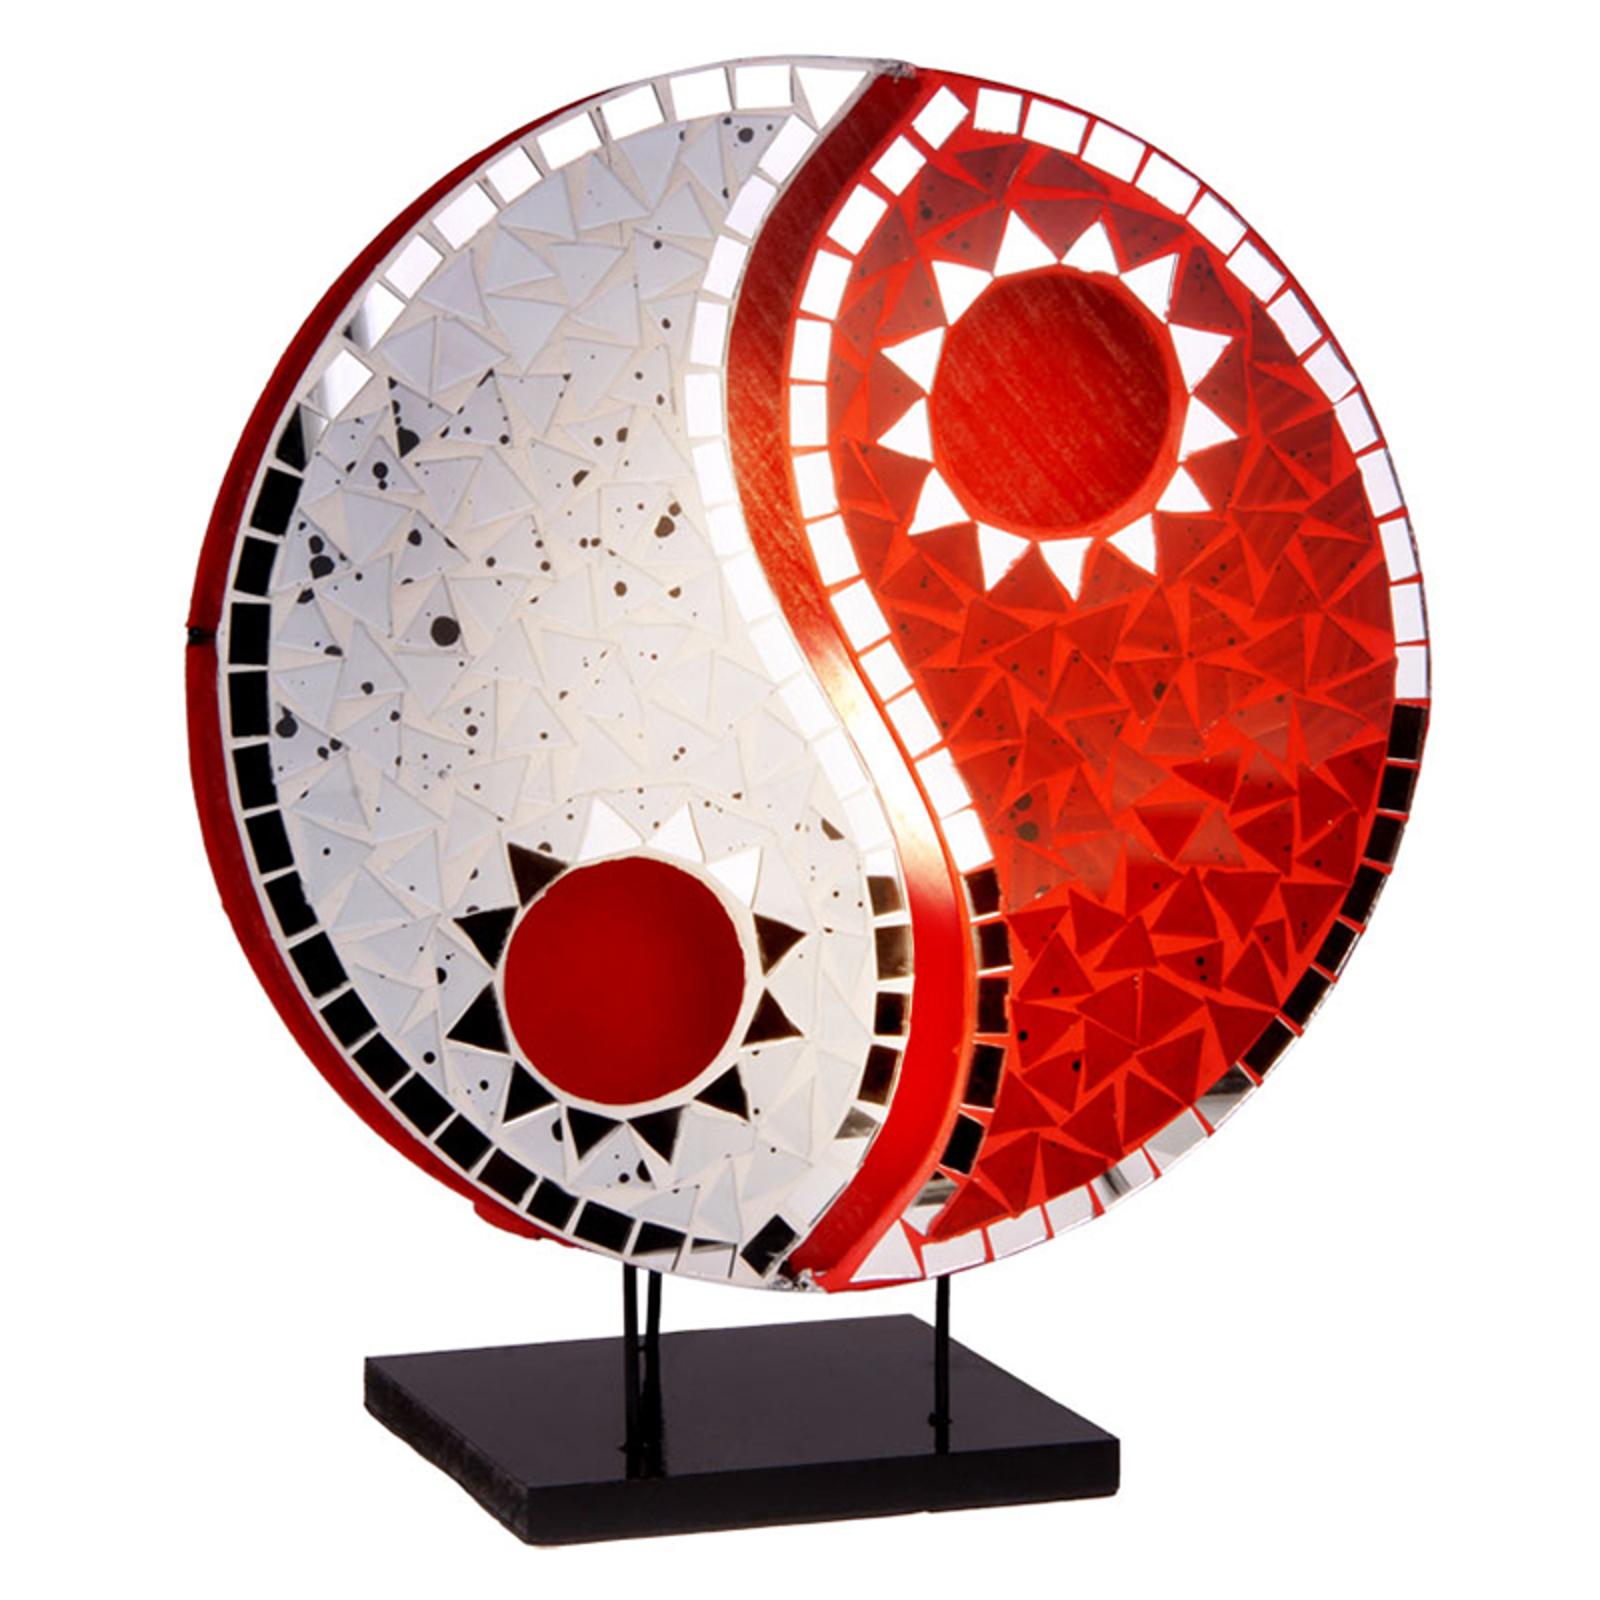 Pöytälamppu Ying Yang mosaiikkipeilikiviä punainen